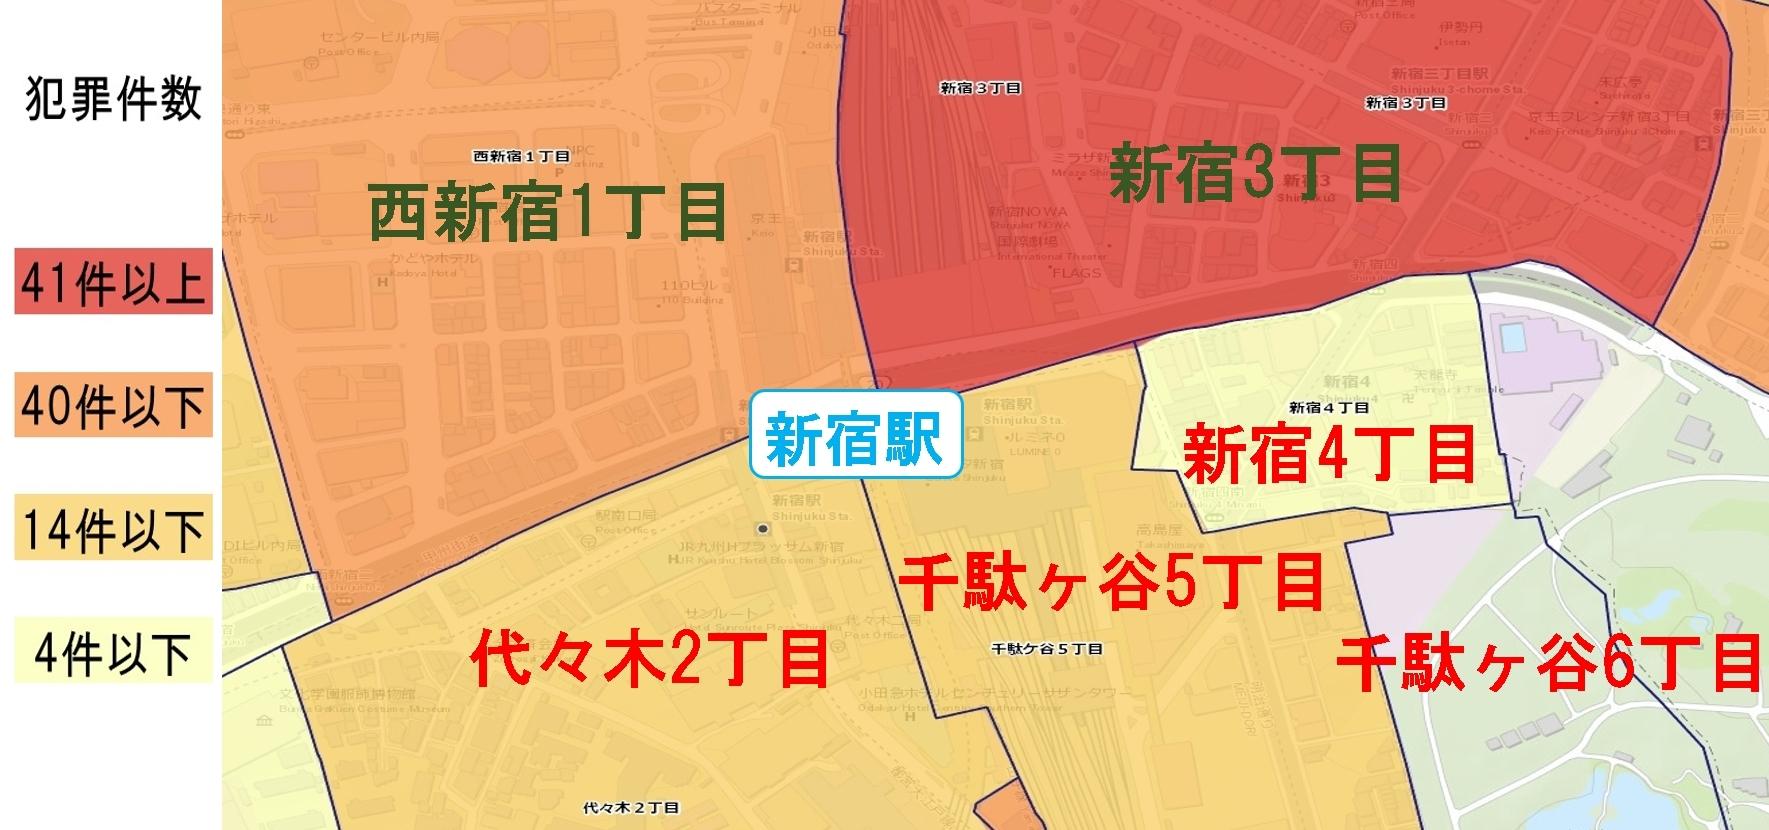 新宿駅周辺の粗暴犯の犯罪件数マップ